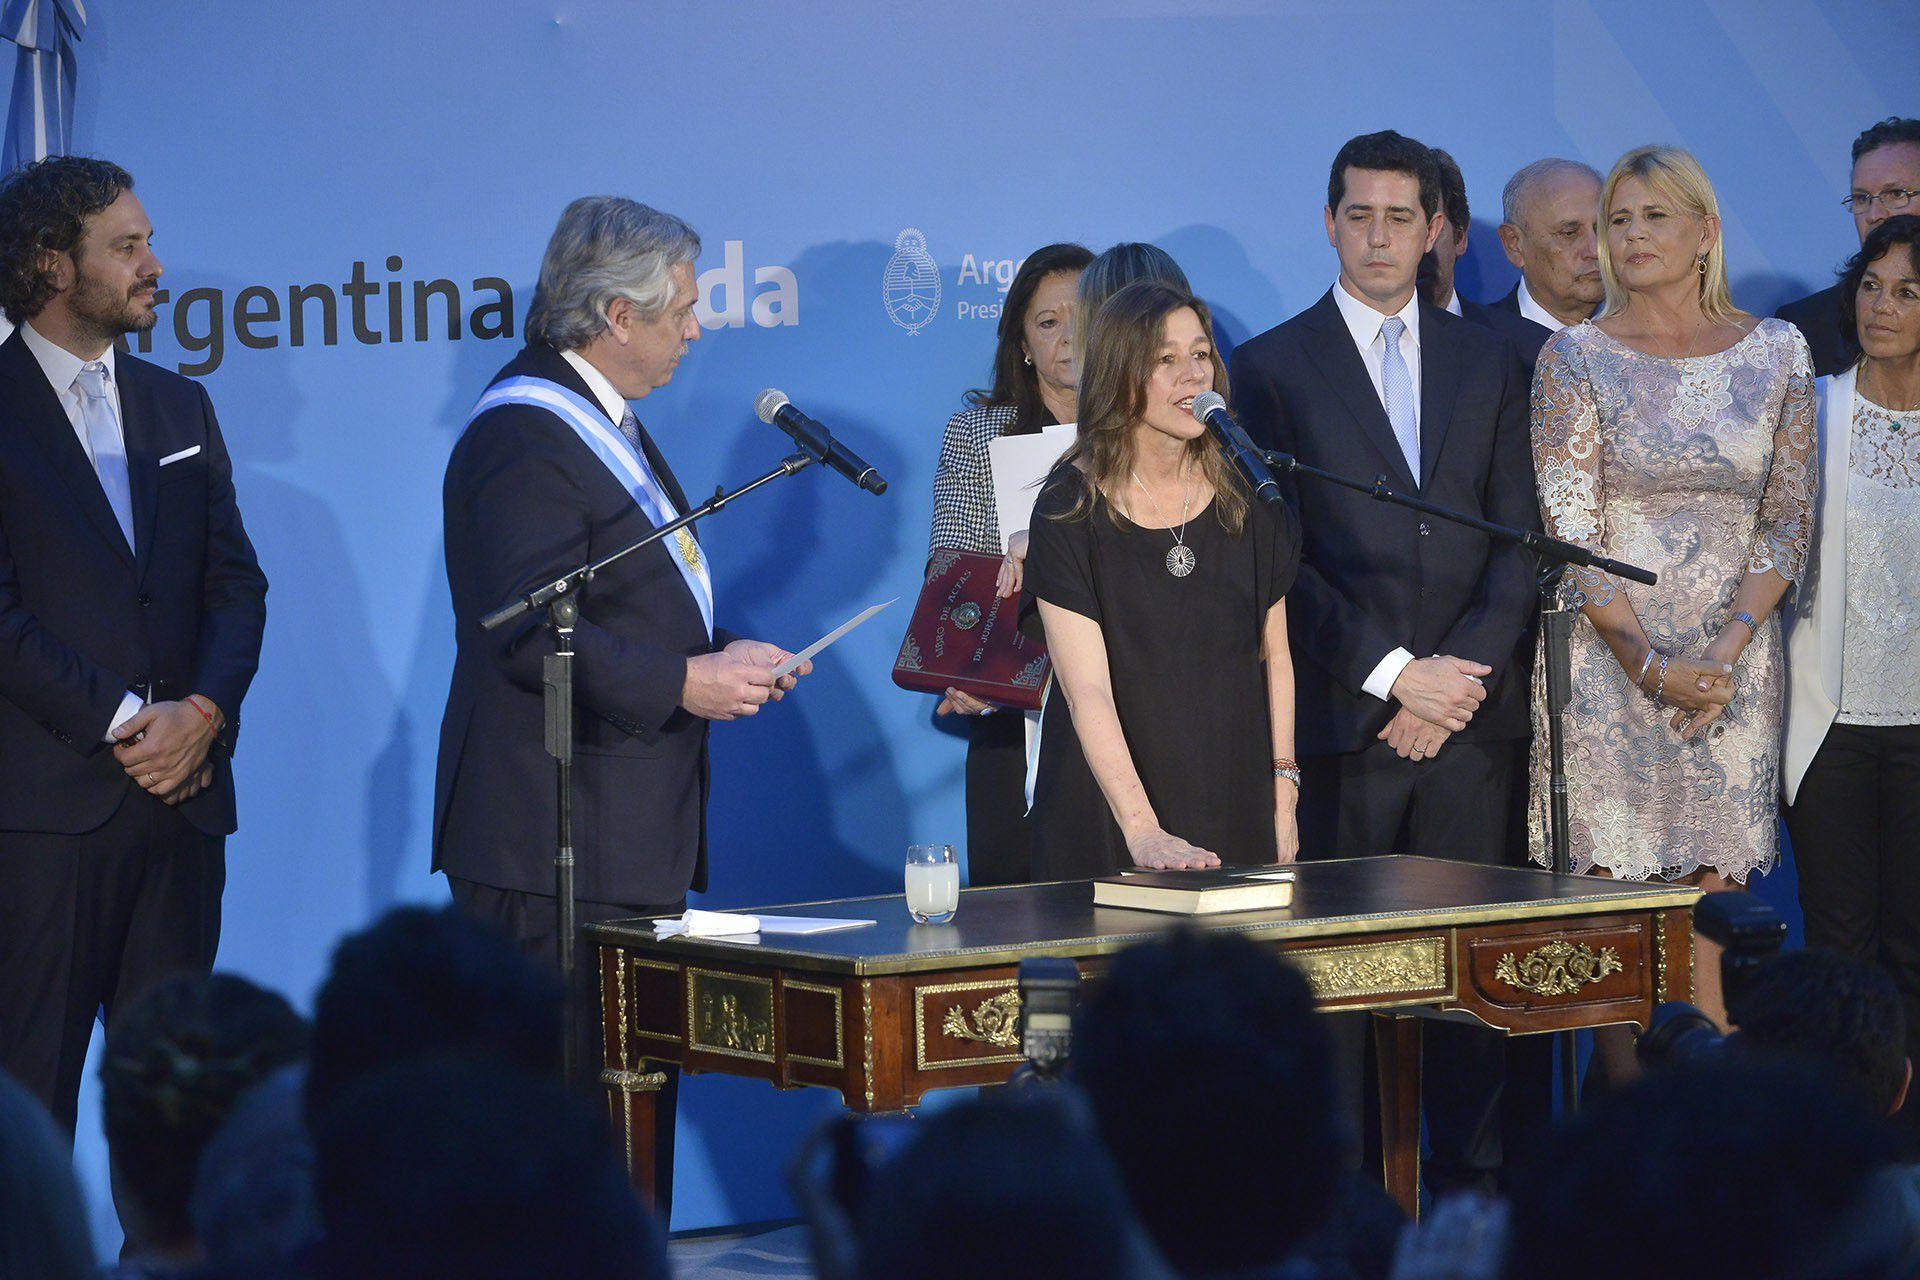 Sabrina Frederic, Ministra de Seguridad de la Nación (Archivo/Gustavo Gavotti)